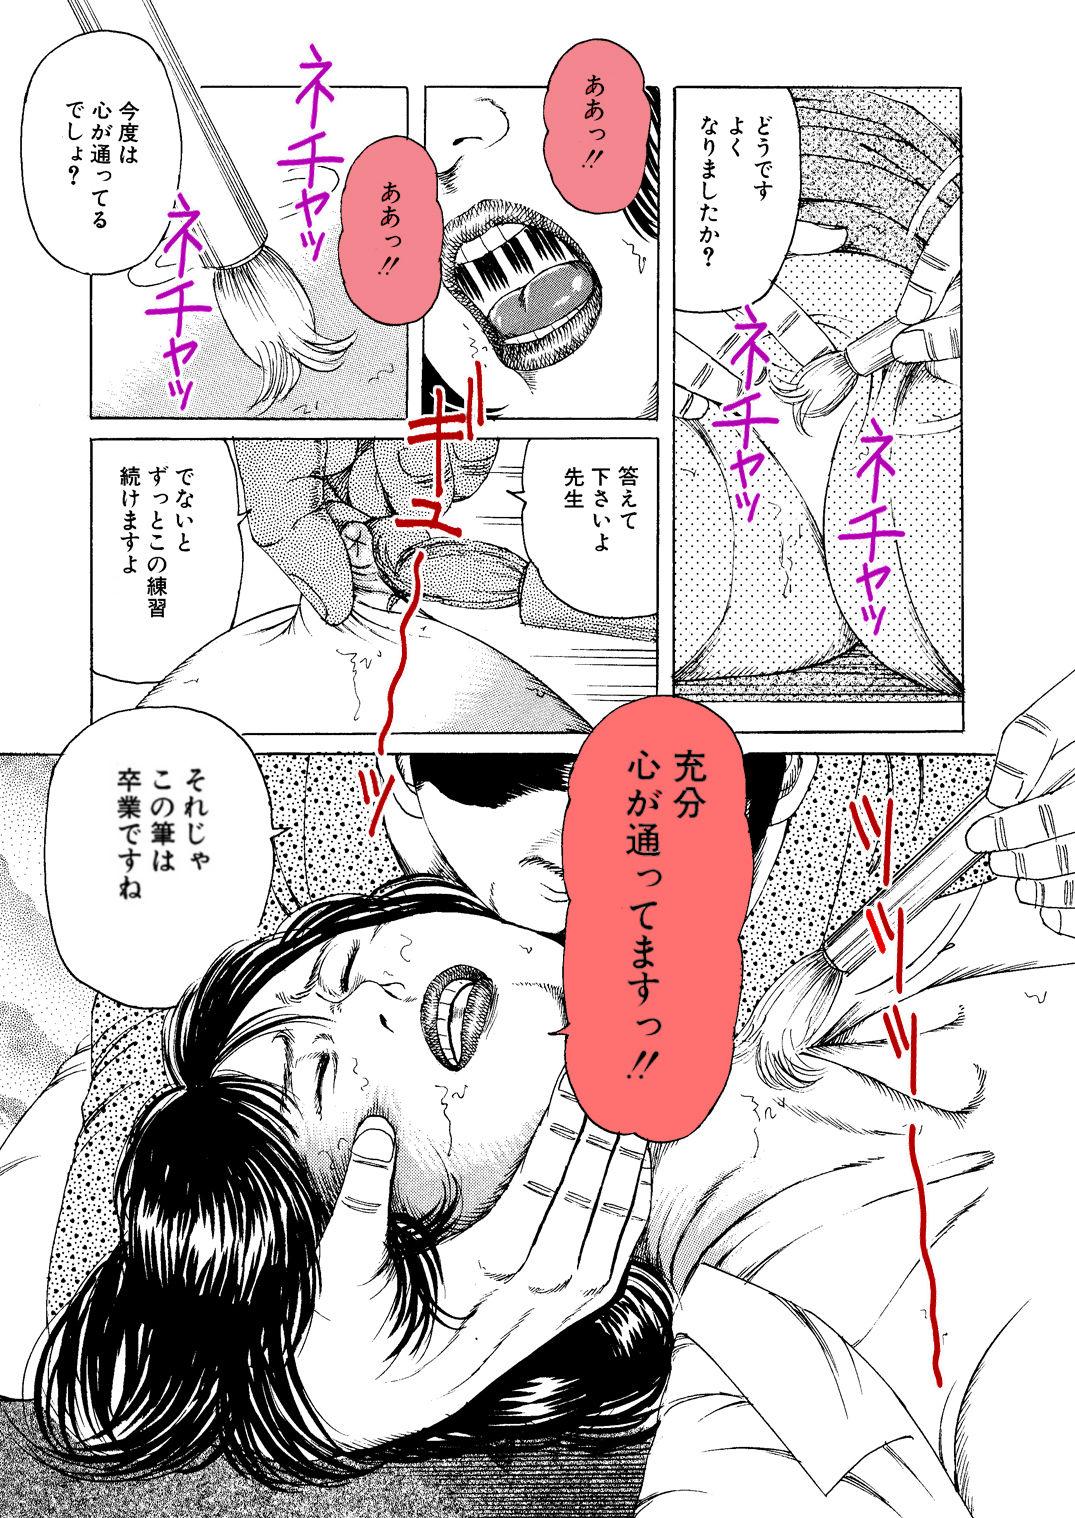 [家庭教師]「ルンルン♪ ロリレッスン」(朝比奈まこと)